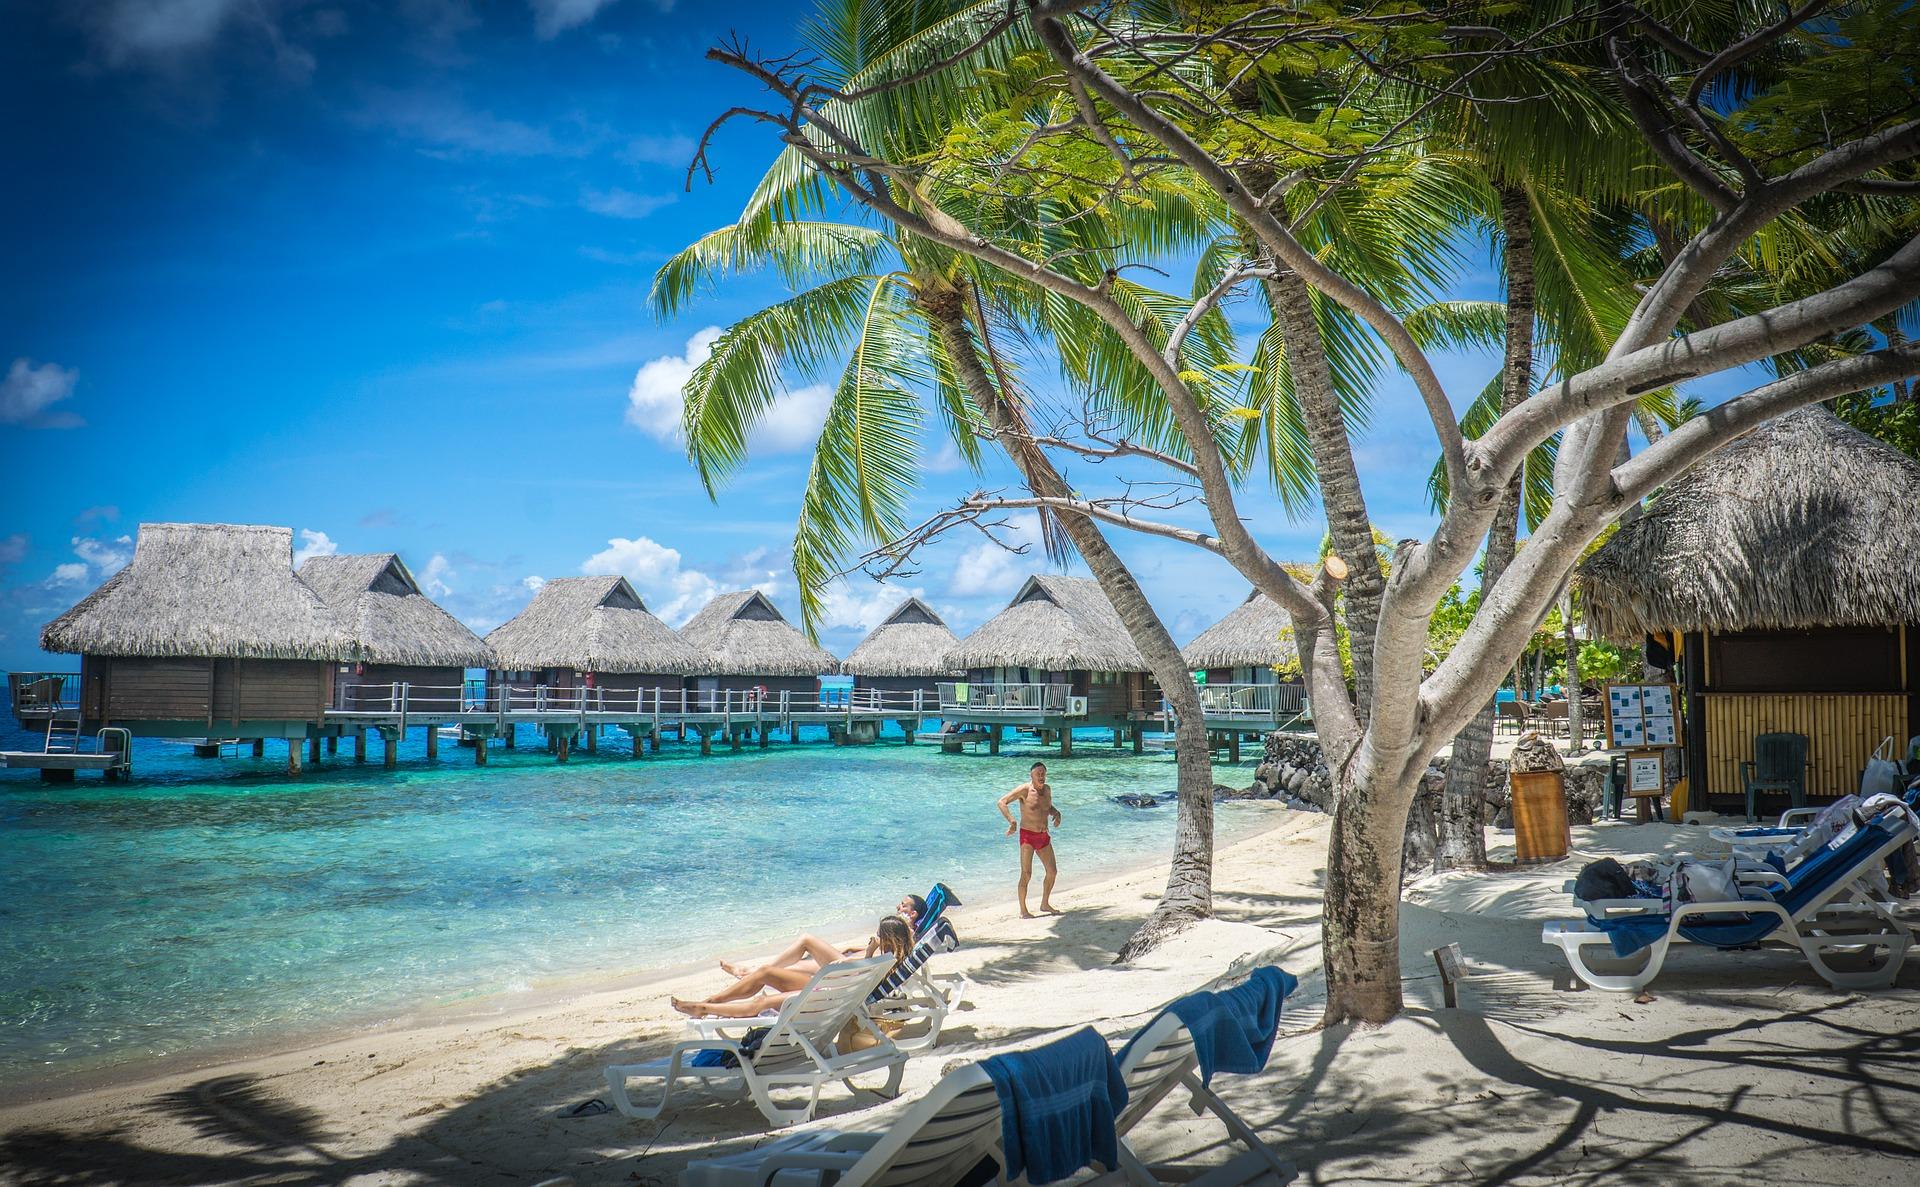 Buche deinen Urlaub2019 bei den besten Reiseveranstaltern auf dem Markt